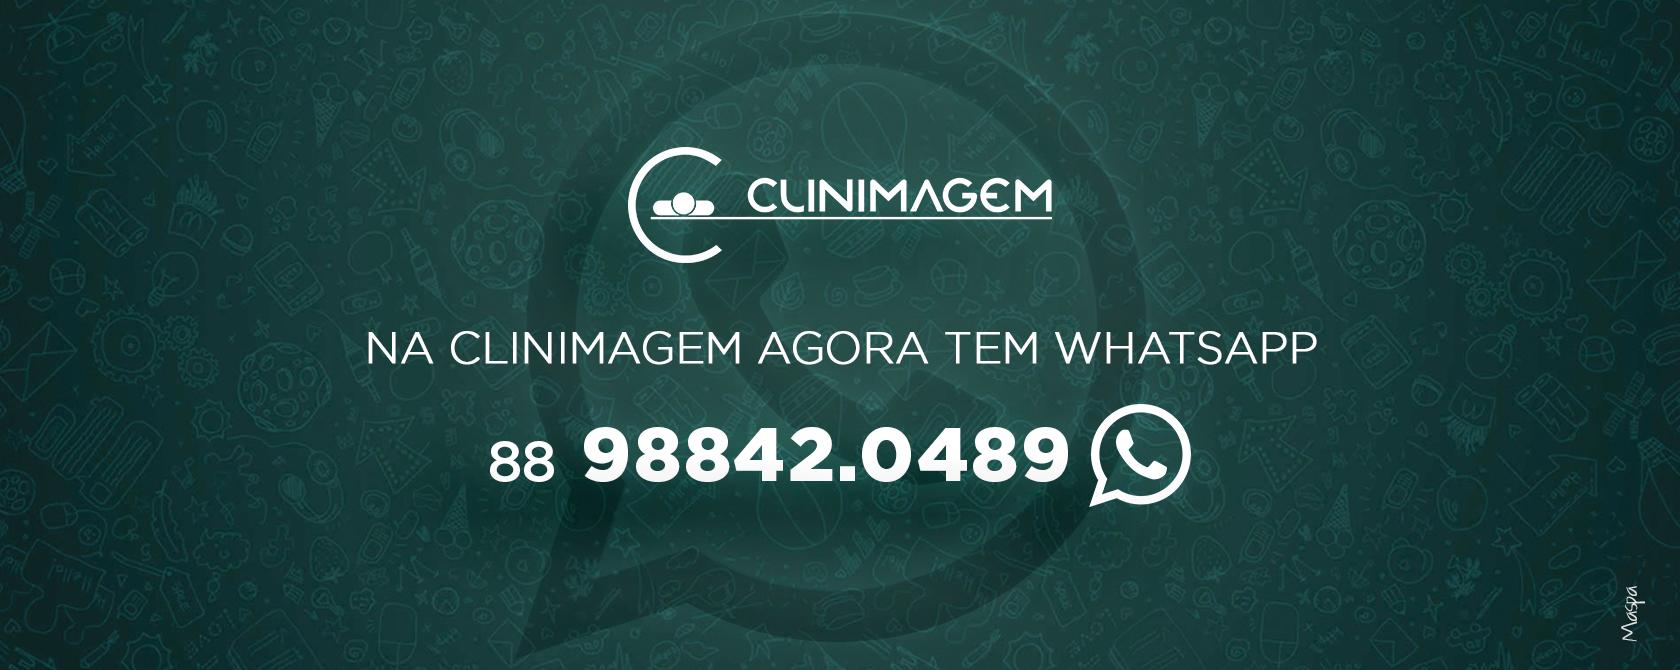 slider_whats_app-clinimagem_juazeiro